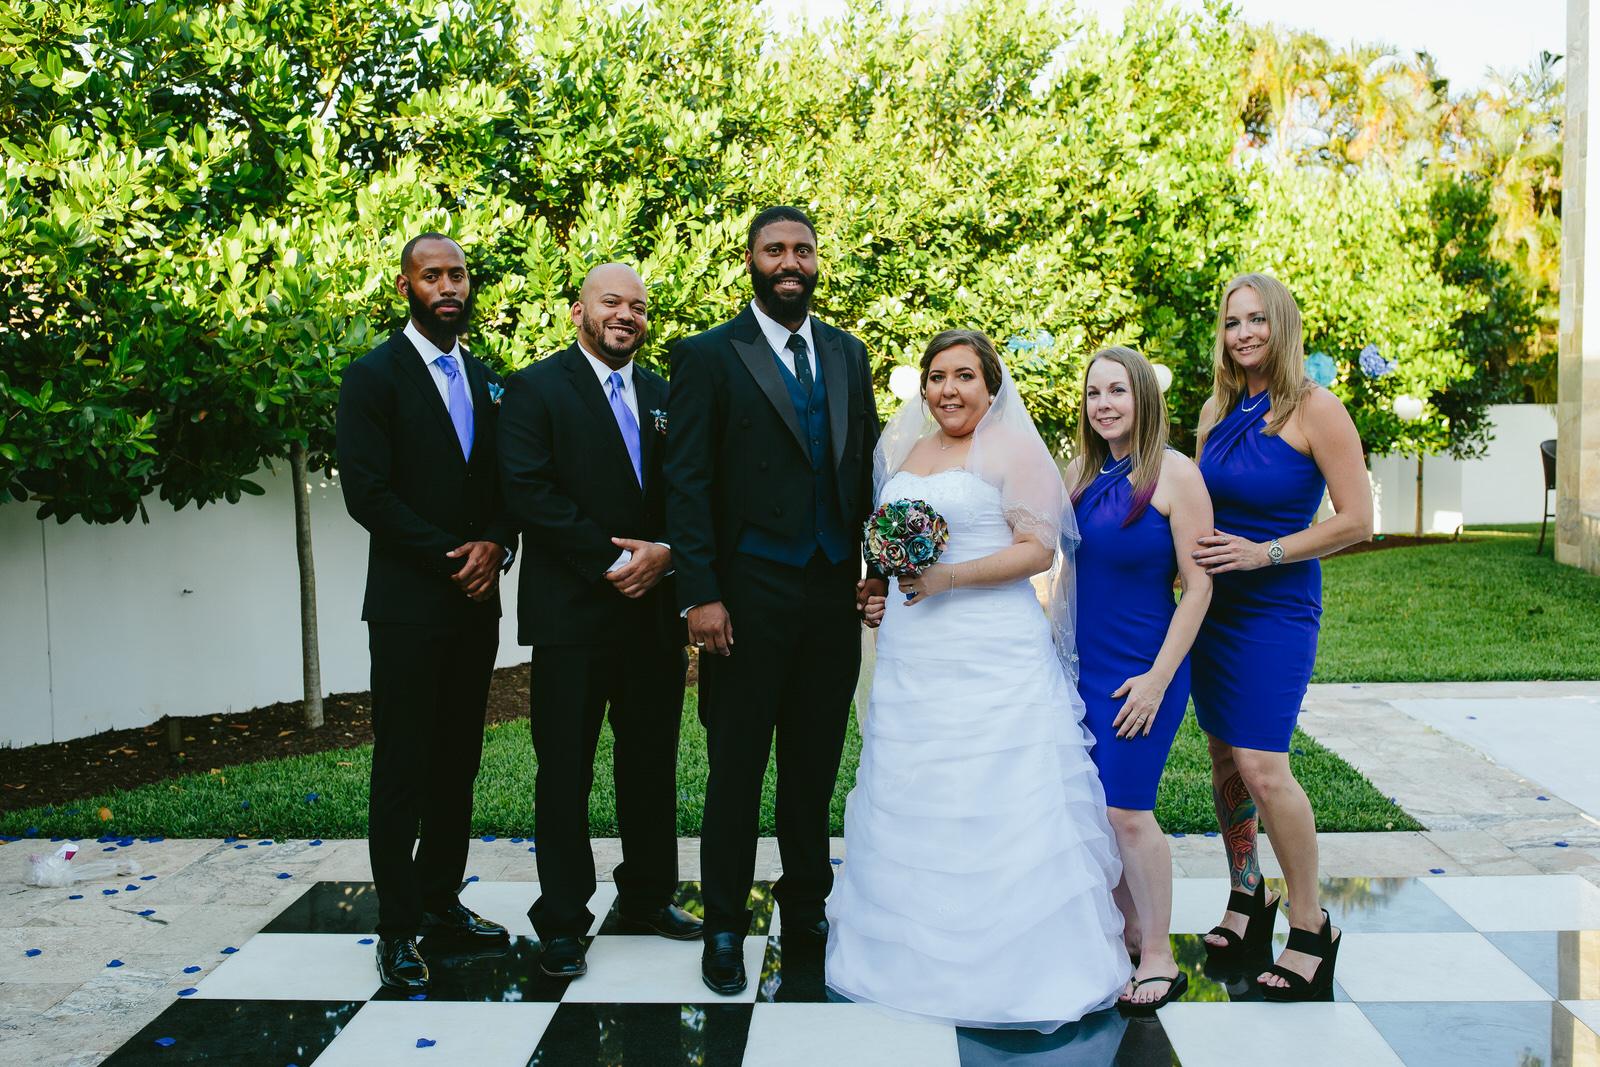 hollywood_estate_wedding_steph_lynn_photo_family_formals-91.jpg